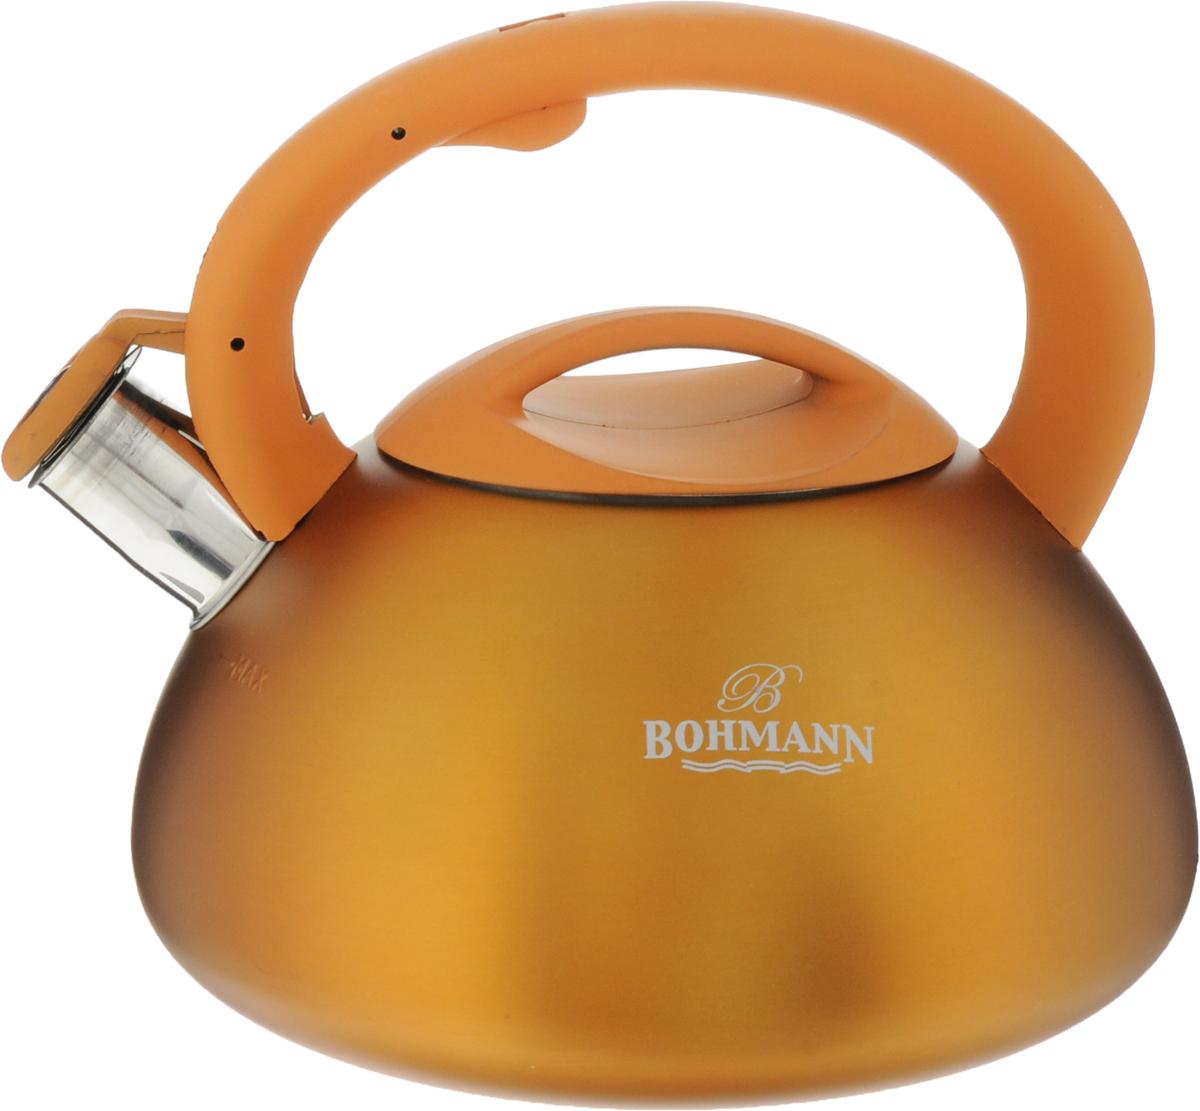 Чайник Bohmann, со свистком, цвет: оранжевый, 3 л. BH-9957BH-9957_оранжевыйЧайник Bohmann выполнен из высококачественнойнержавеющей стали, что делает его весьма гигиеничными устойчивым к износу при длительном использовании.Носик чайника оснащен насадкой-свистком, что позволитвам контролировать процесс подогрева или кипяченияводы. Чайник снабжен стальной крышкой и эргономичной ручкой из пластика с резиновымпокрытием. Эстетичный и функциональный чайник будеторигинально смотреться в любом интерьере. Подходит для всех типов плит, кроме индукционных.Можно мыть в посудомоечной машине.Высота чайника (с учетом ручки и крышки): 20 см. Диаметр чайника (по верхнему краю): 11 см. Диаметр индукционного дна: 16 см.